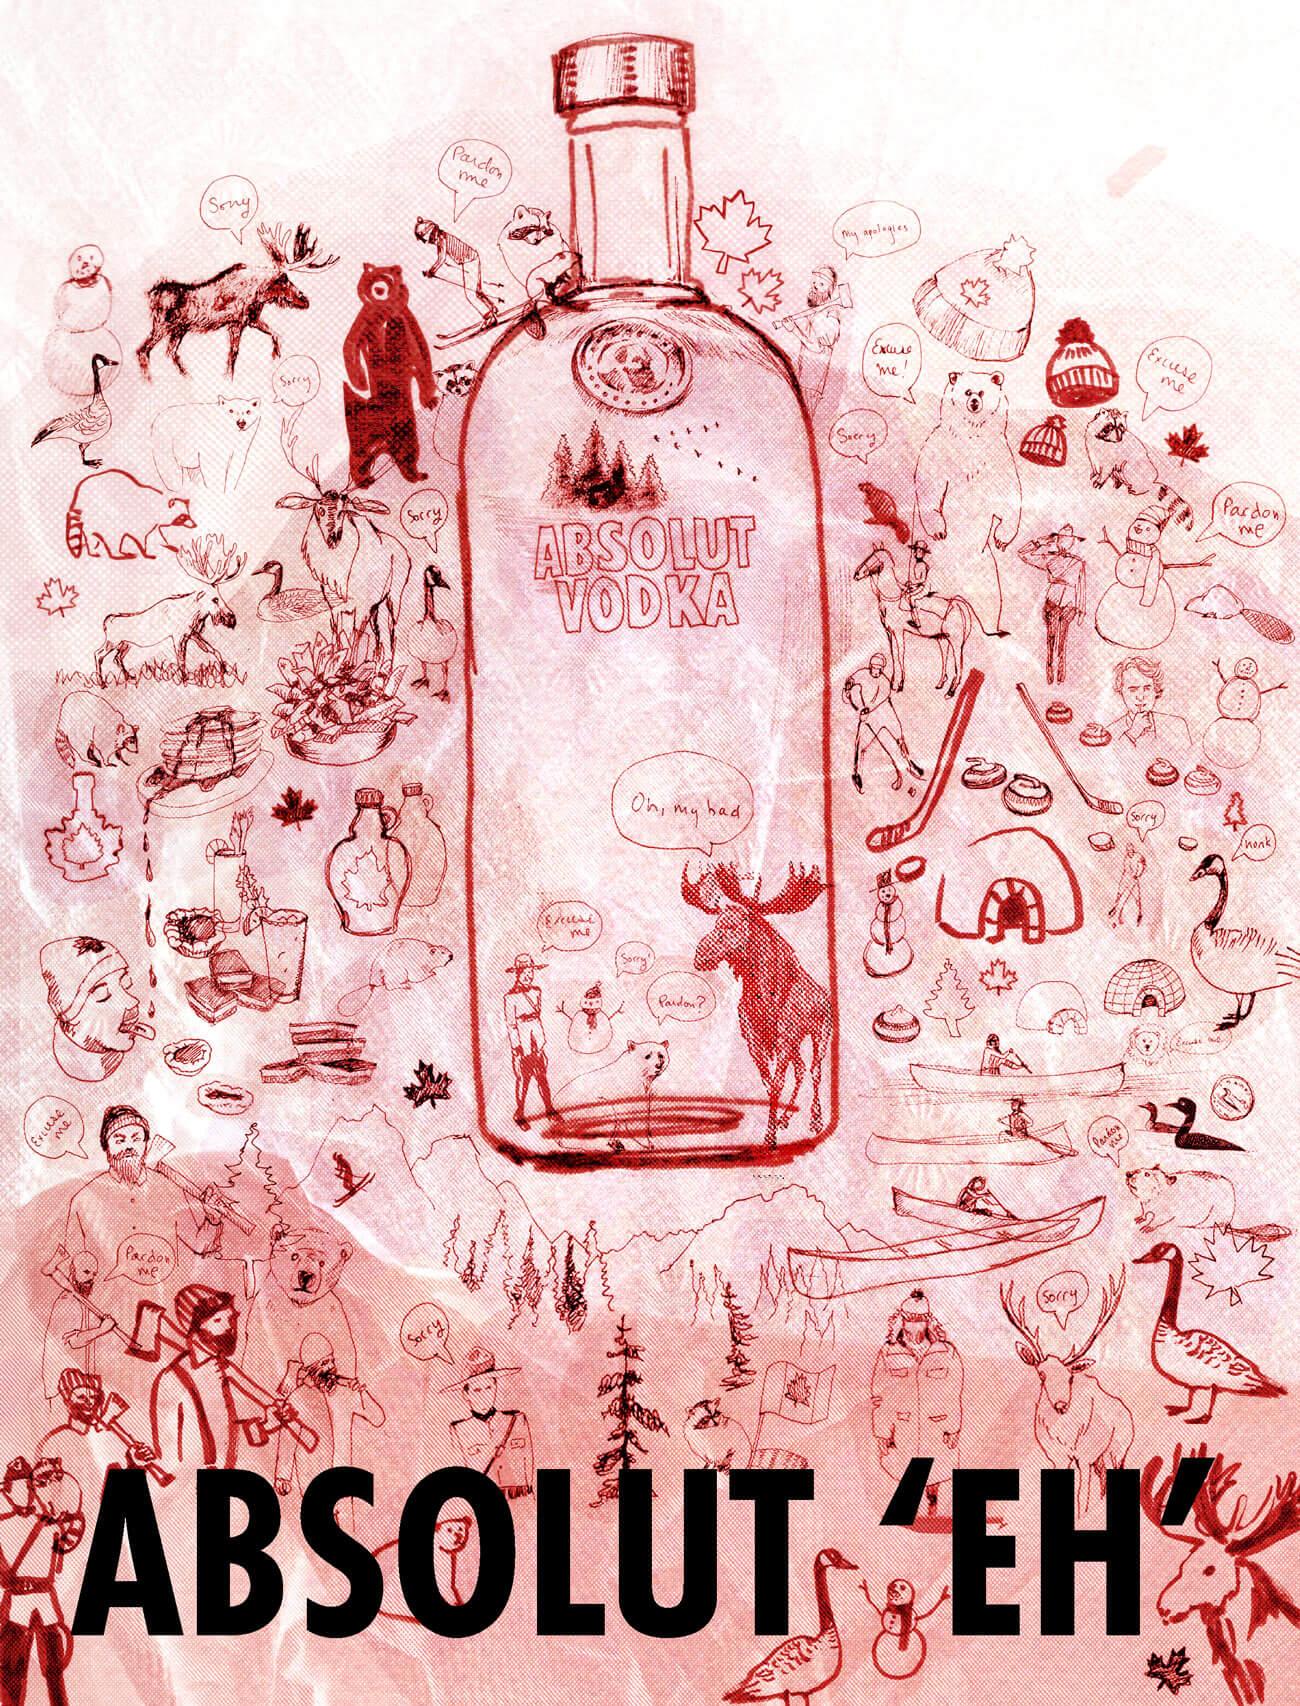 cora-marinoff-illustration-advertising-absolut-vodka-canada-eh